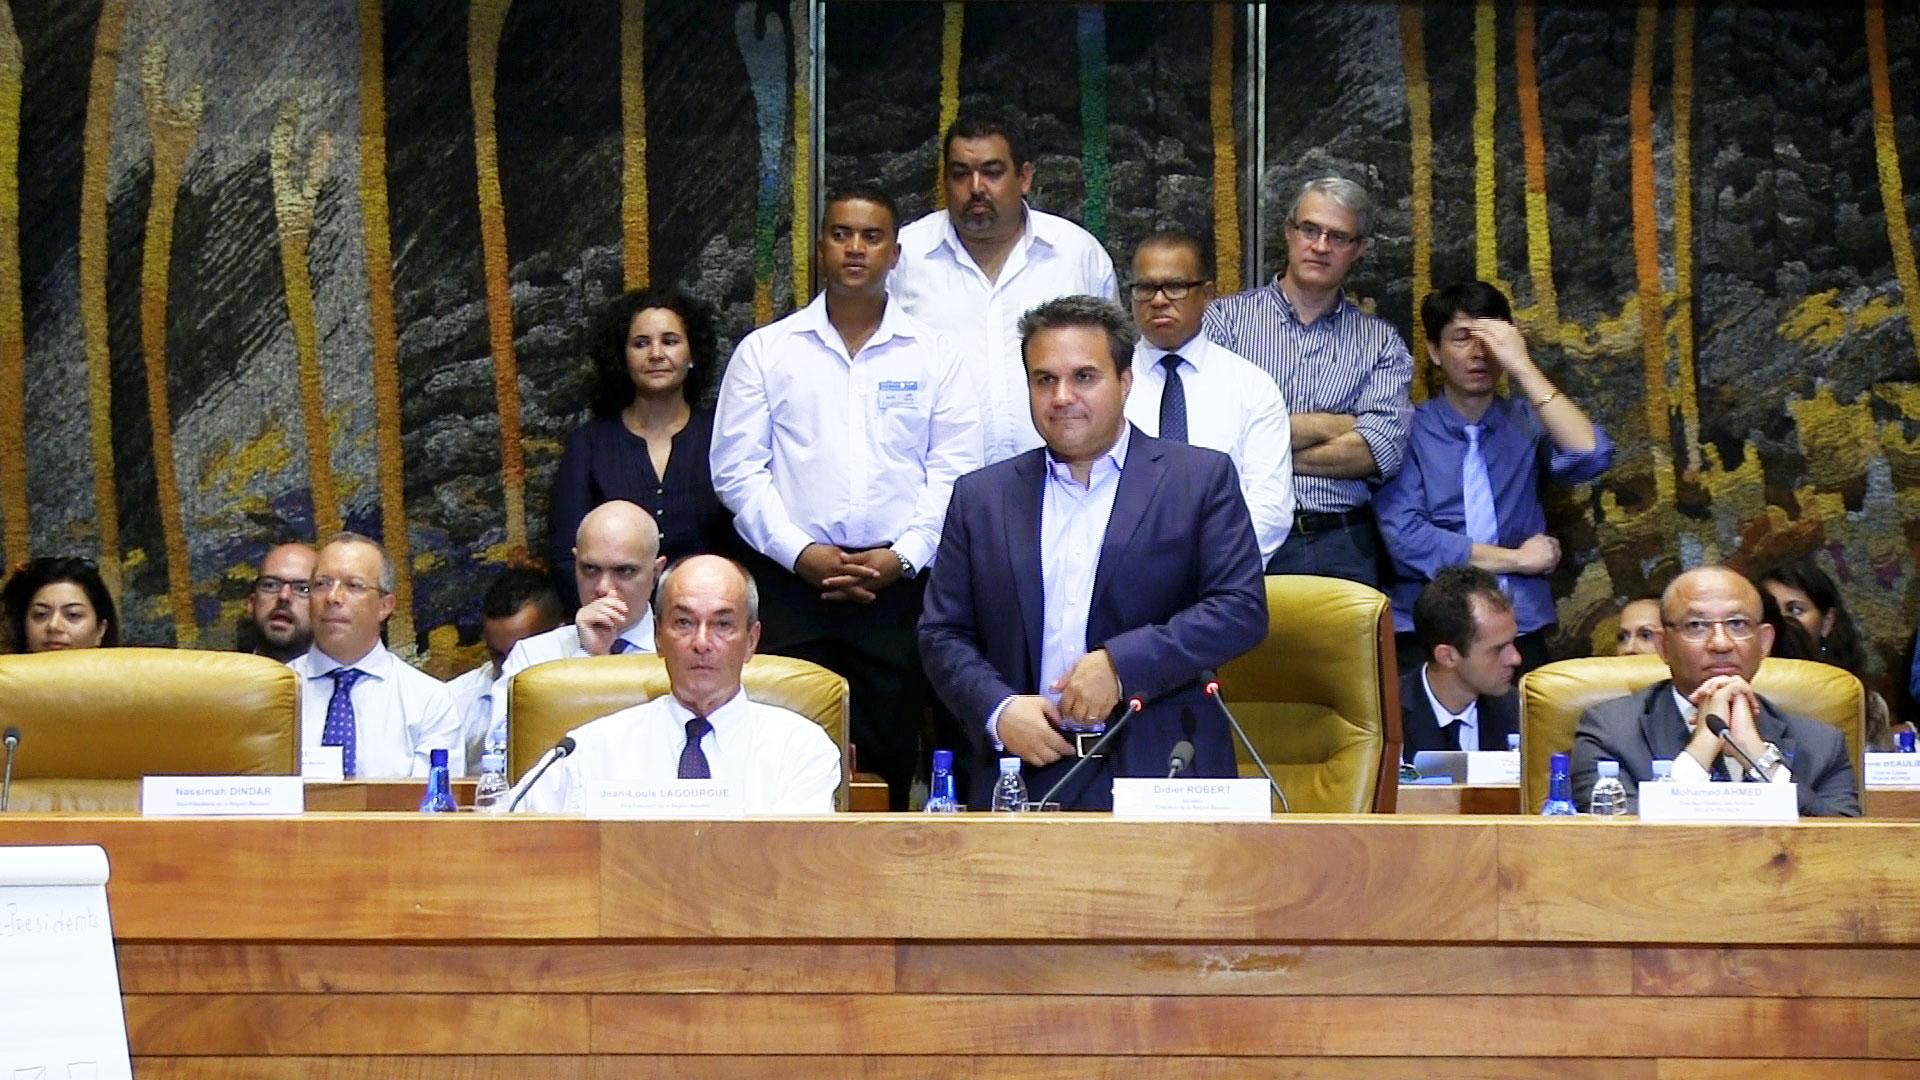 Discours du Président de Région en Assemblée plénière